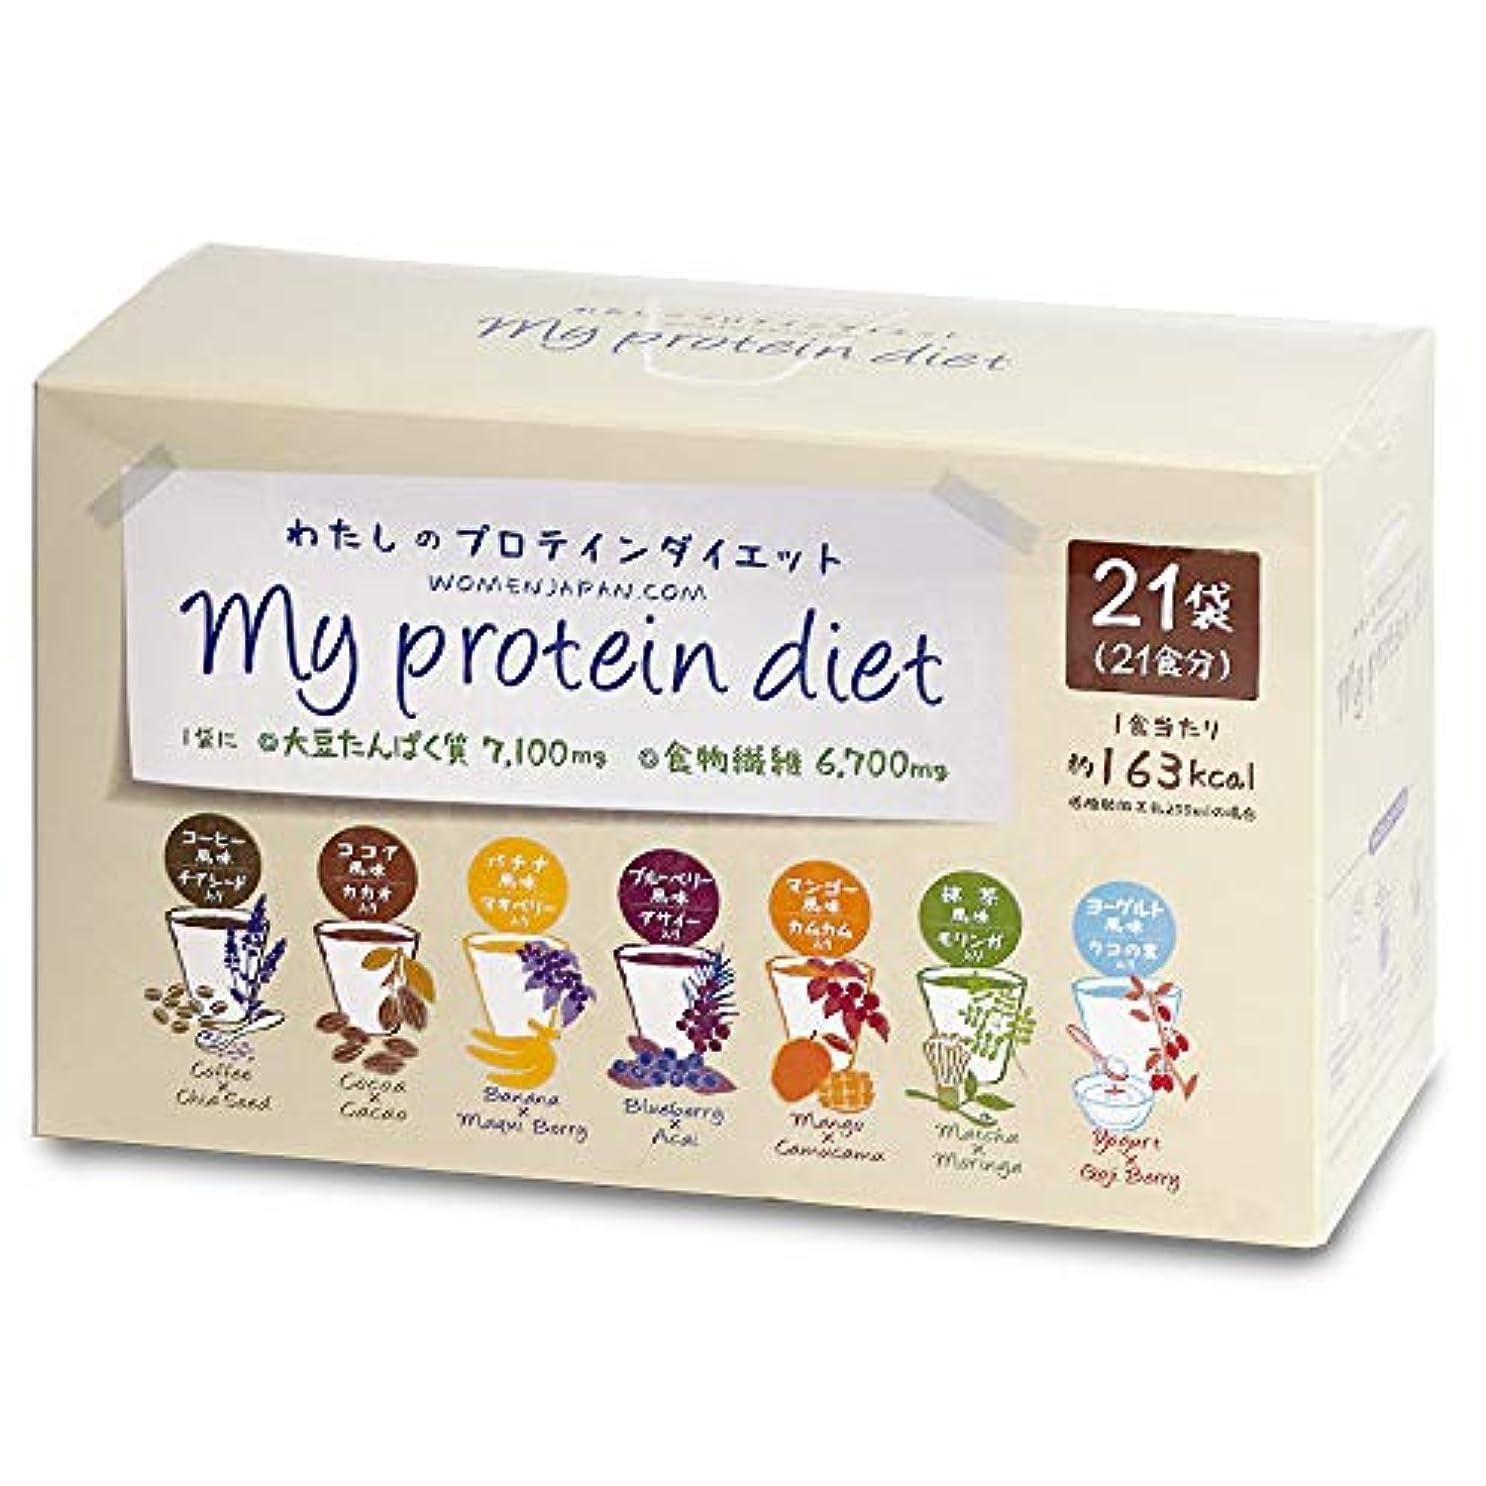 サイトバドミントン汚染されたわたしのプロテインダイエット 21食セット 1食置き換えダイエットシェイク 低糖質